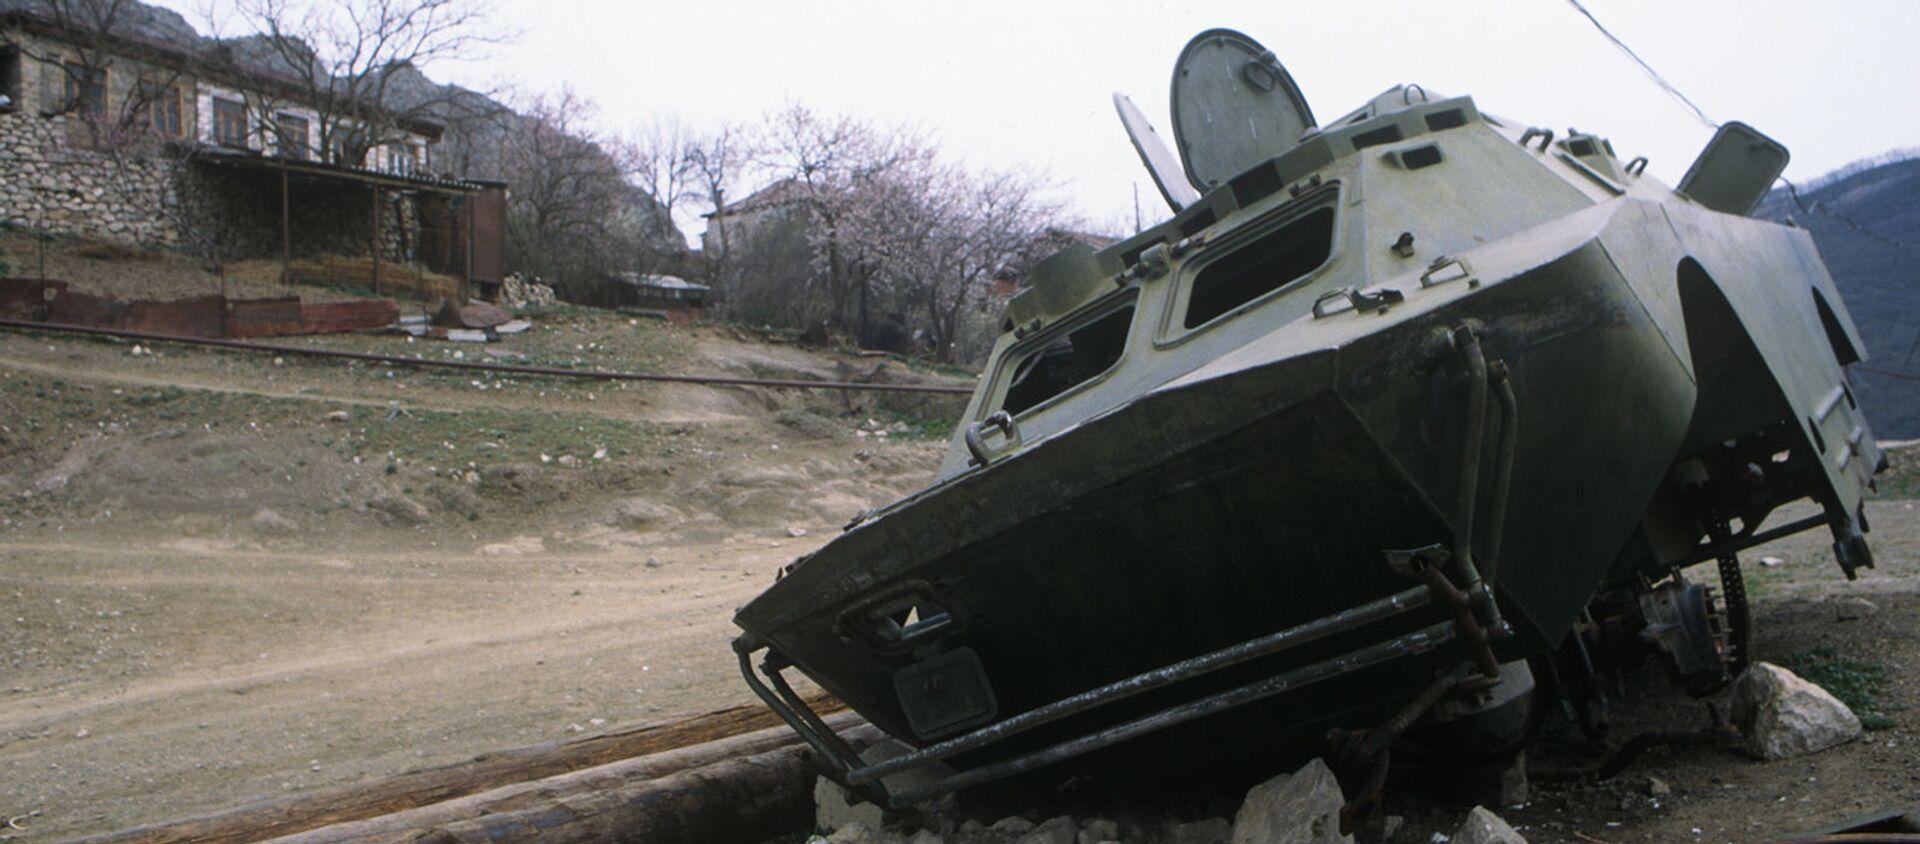 Подбитая в ходе Карабахской войны военная техника у города Шуши (1995 год) - Sputnik Արմենիա, 1920, 09.05.2021